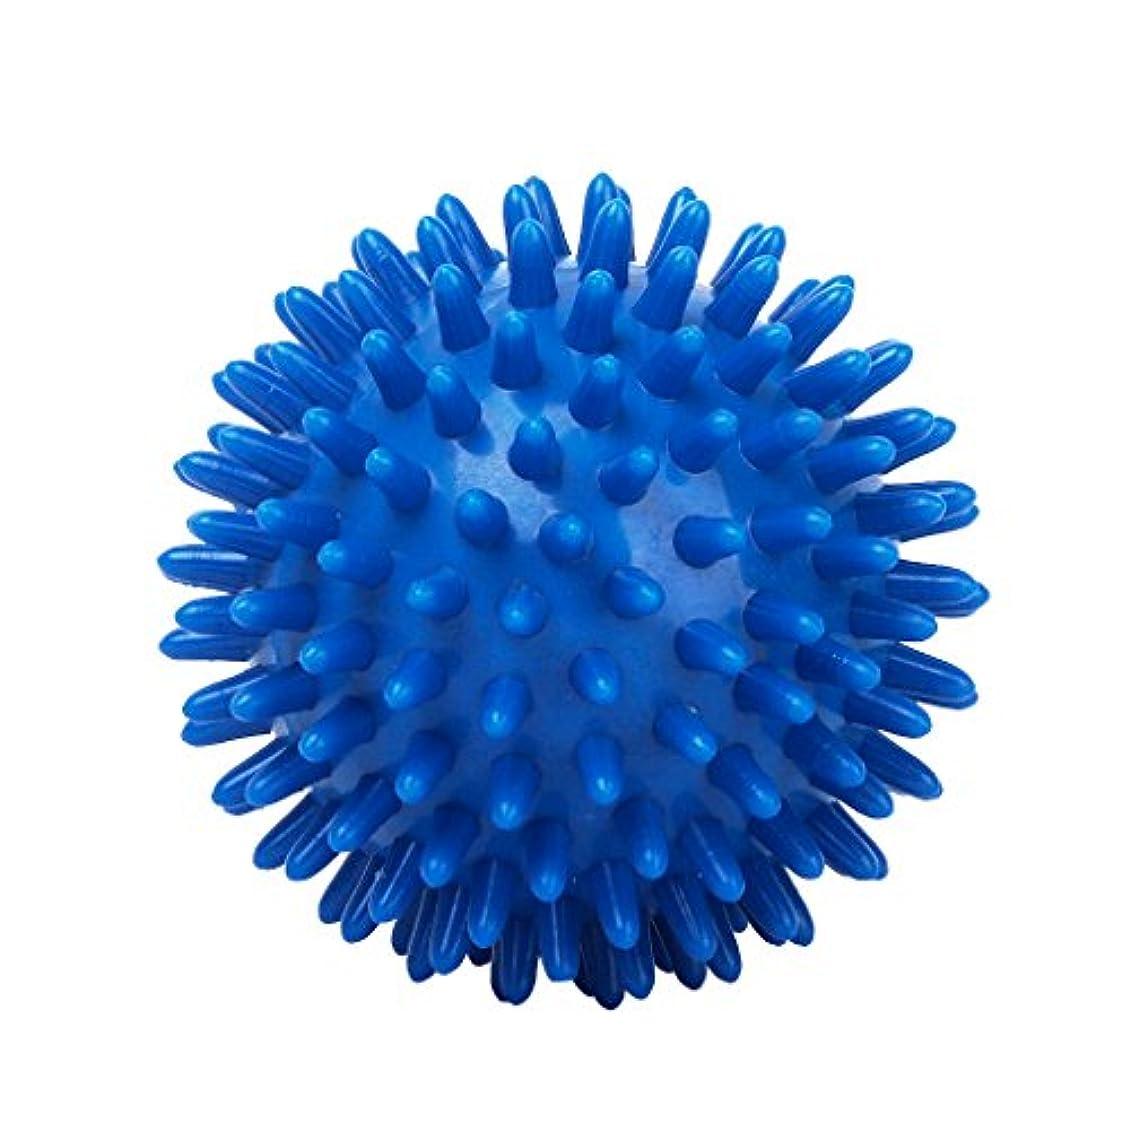 混乱最小化する古代Fenteer 便利 小型 マッサージボール 足用 筋肉対応 高品質 8cm マッサージ ボール PVC製 ブルー